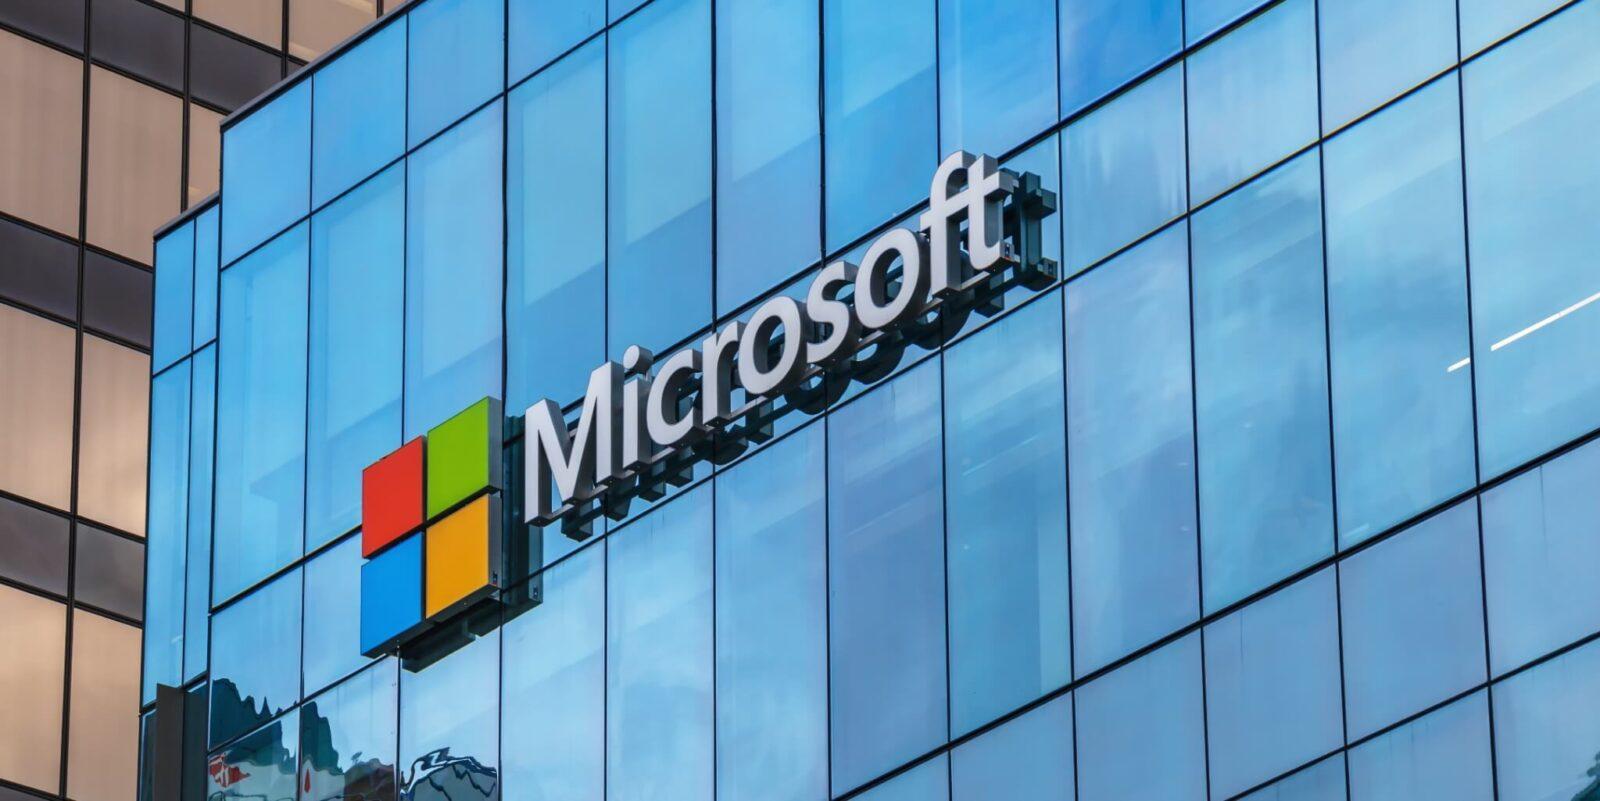 پنج نوآوری مایکروسافت، که در سال 2021 باید منتظر آن باشیم